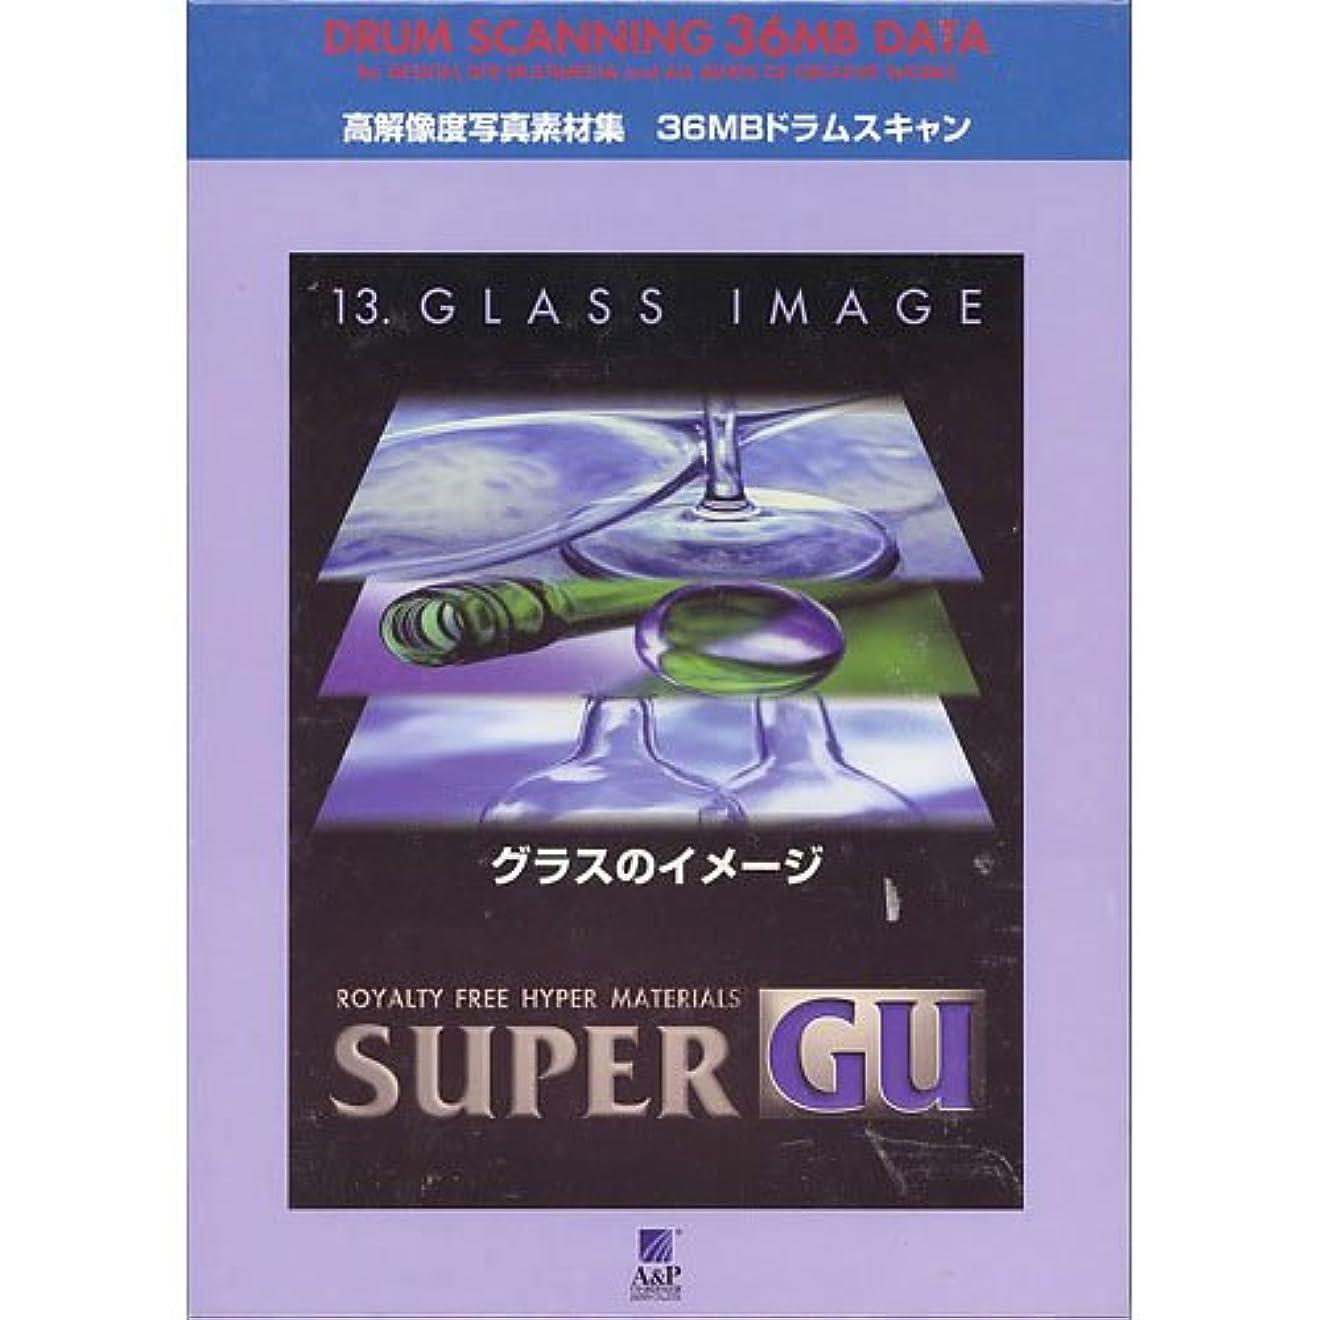 屈辱する養うラジウムSUPER GU 13 GLASS IMAGE